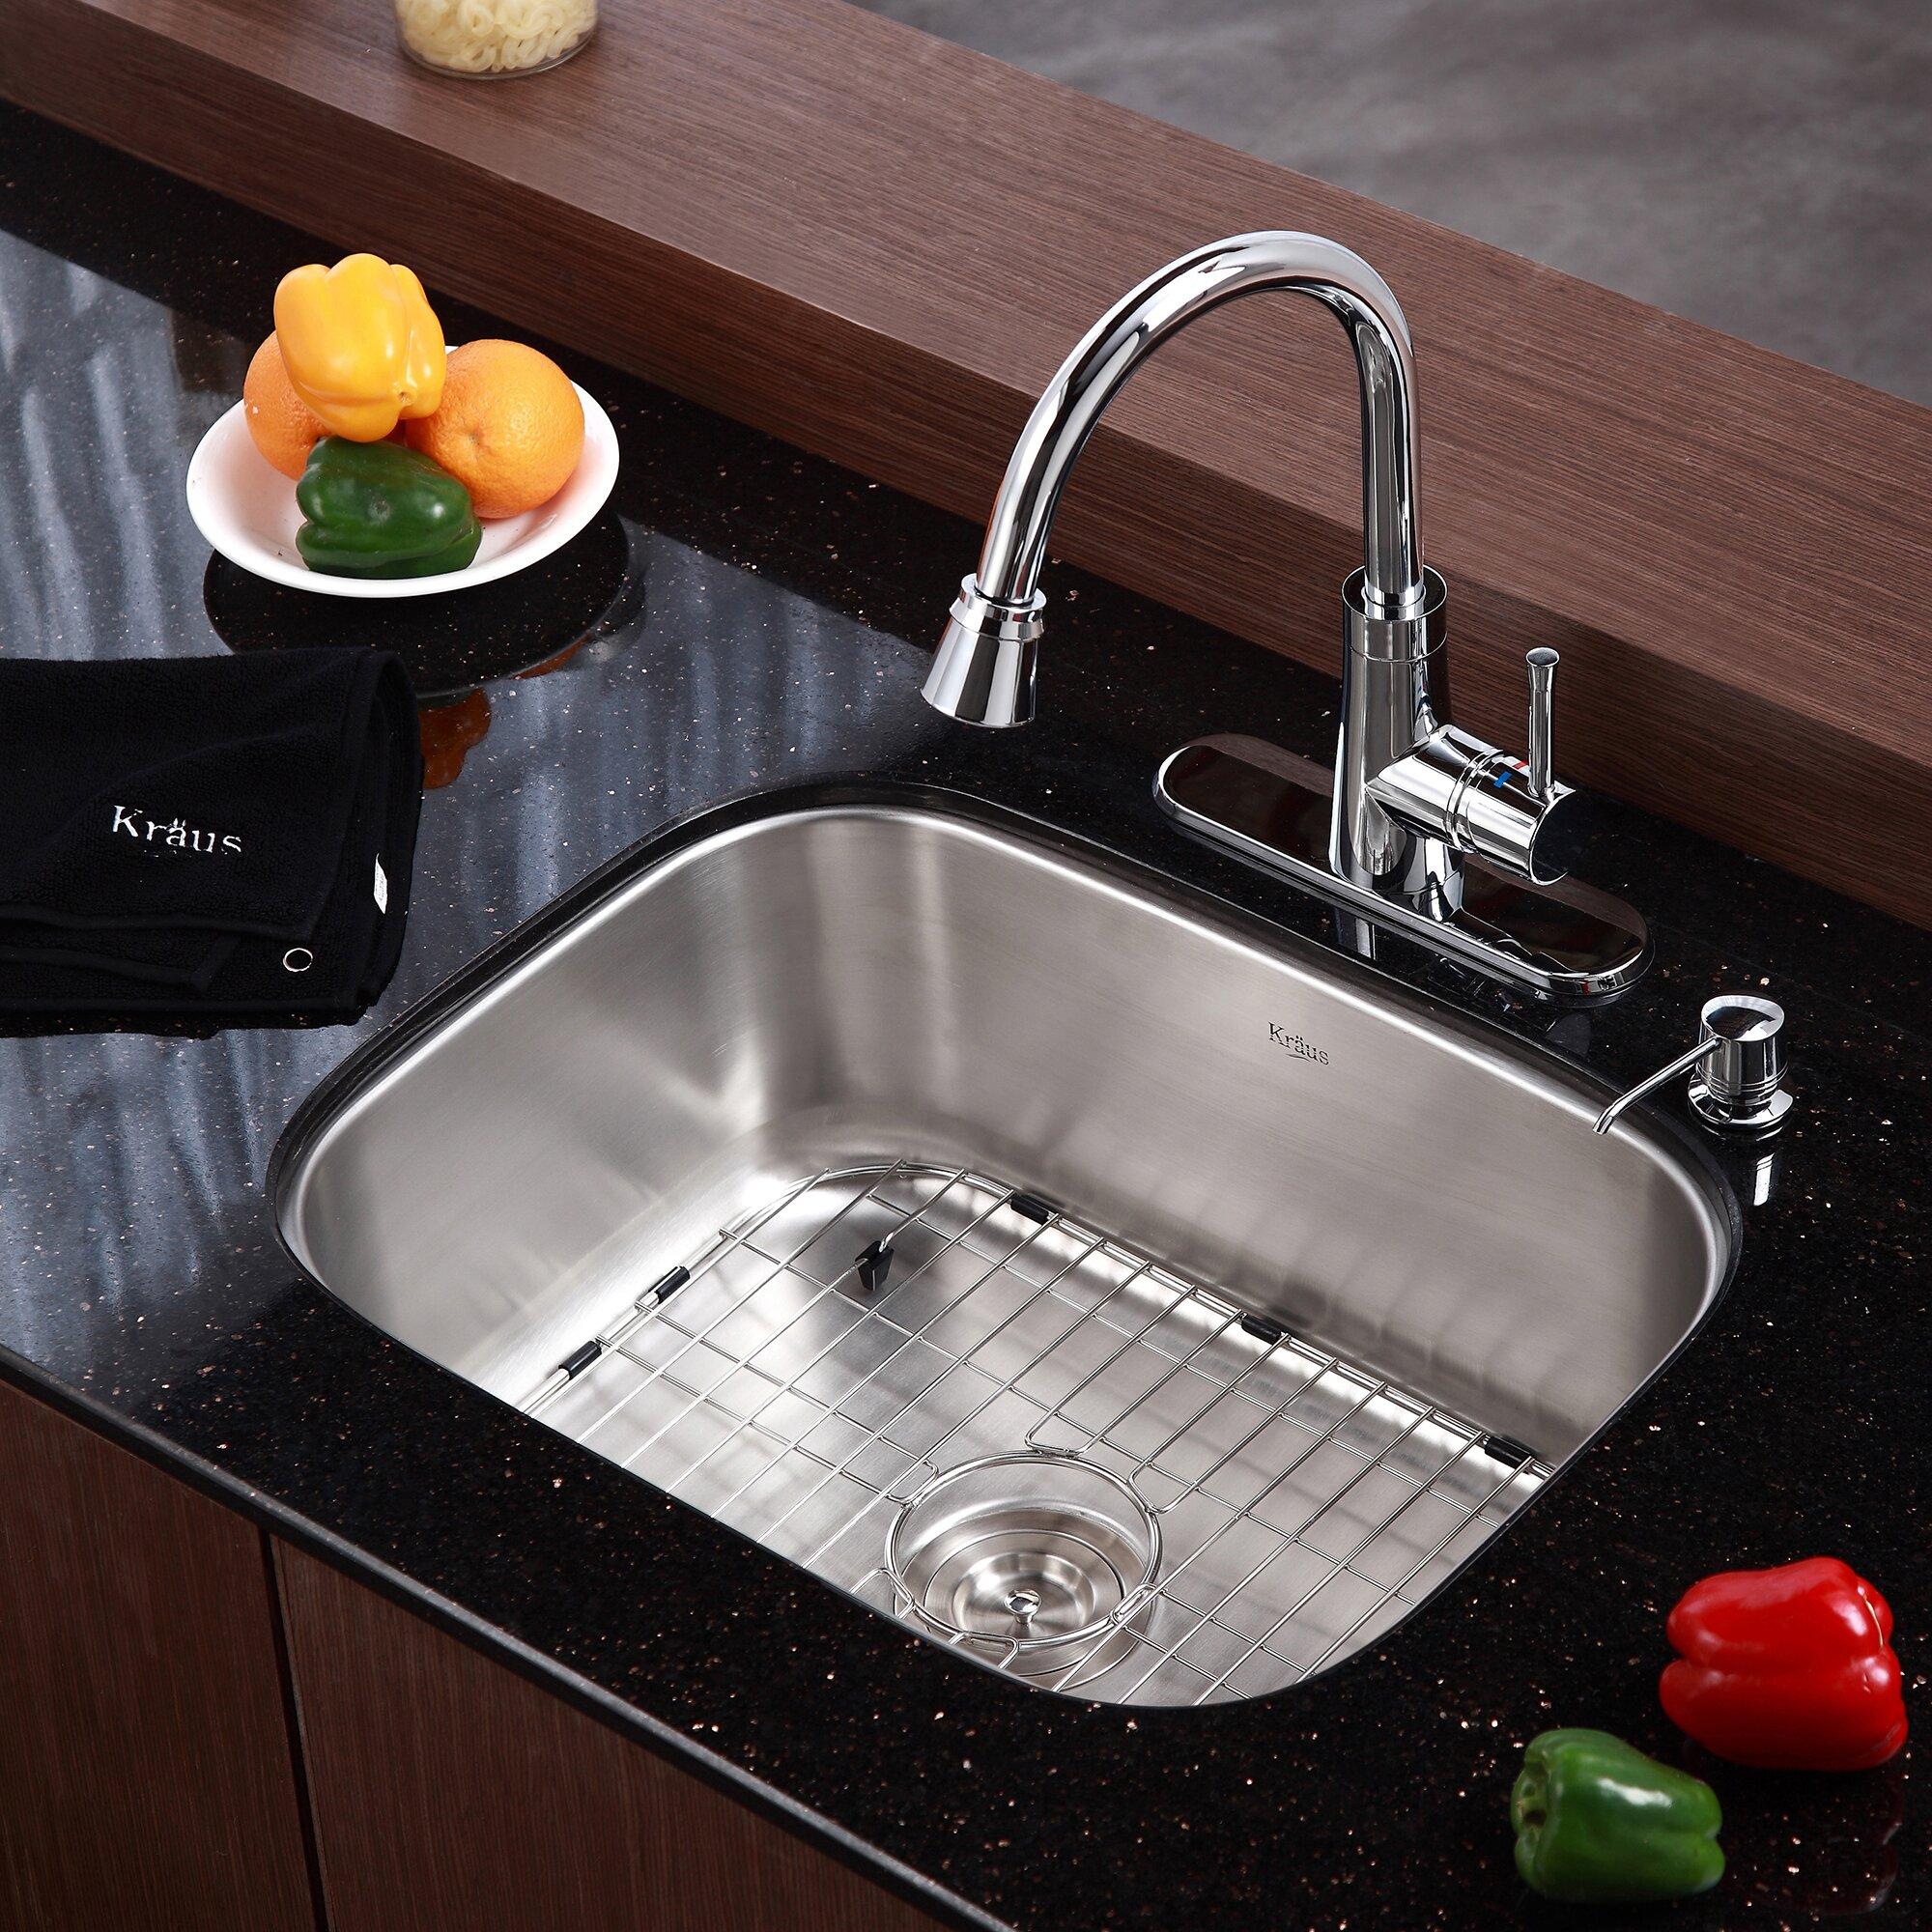 Kraus 23 x 17 6 4 piece single bowl kitchen sink set - Kitchen sink pieces ...